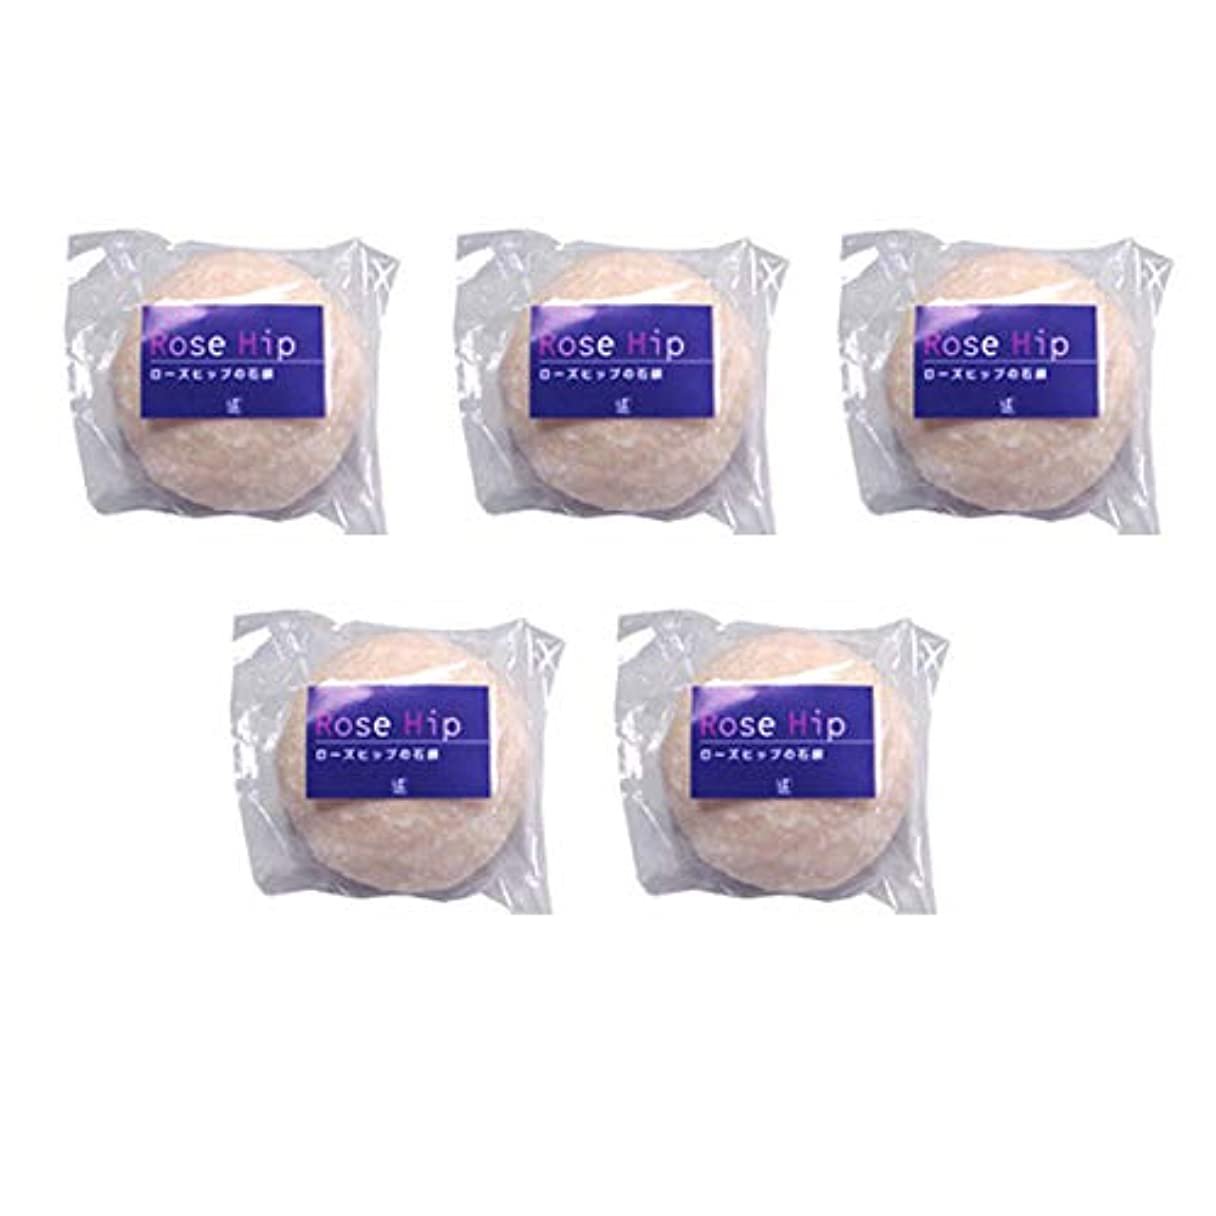 怠感男やもめ成功する山澤清ローズヒップ石鹸5個セット(70g×5個) ローズヒップ無添加洗顔石鹸